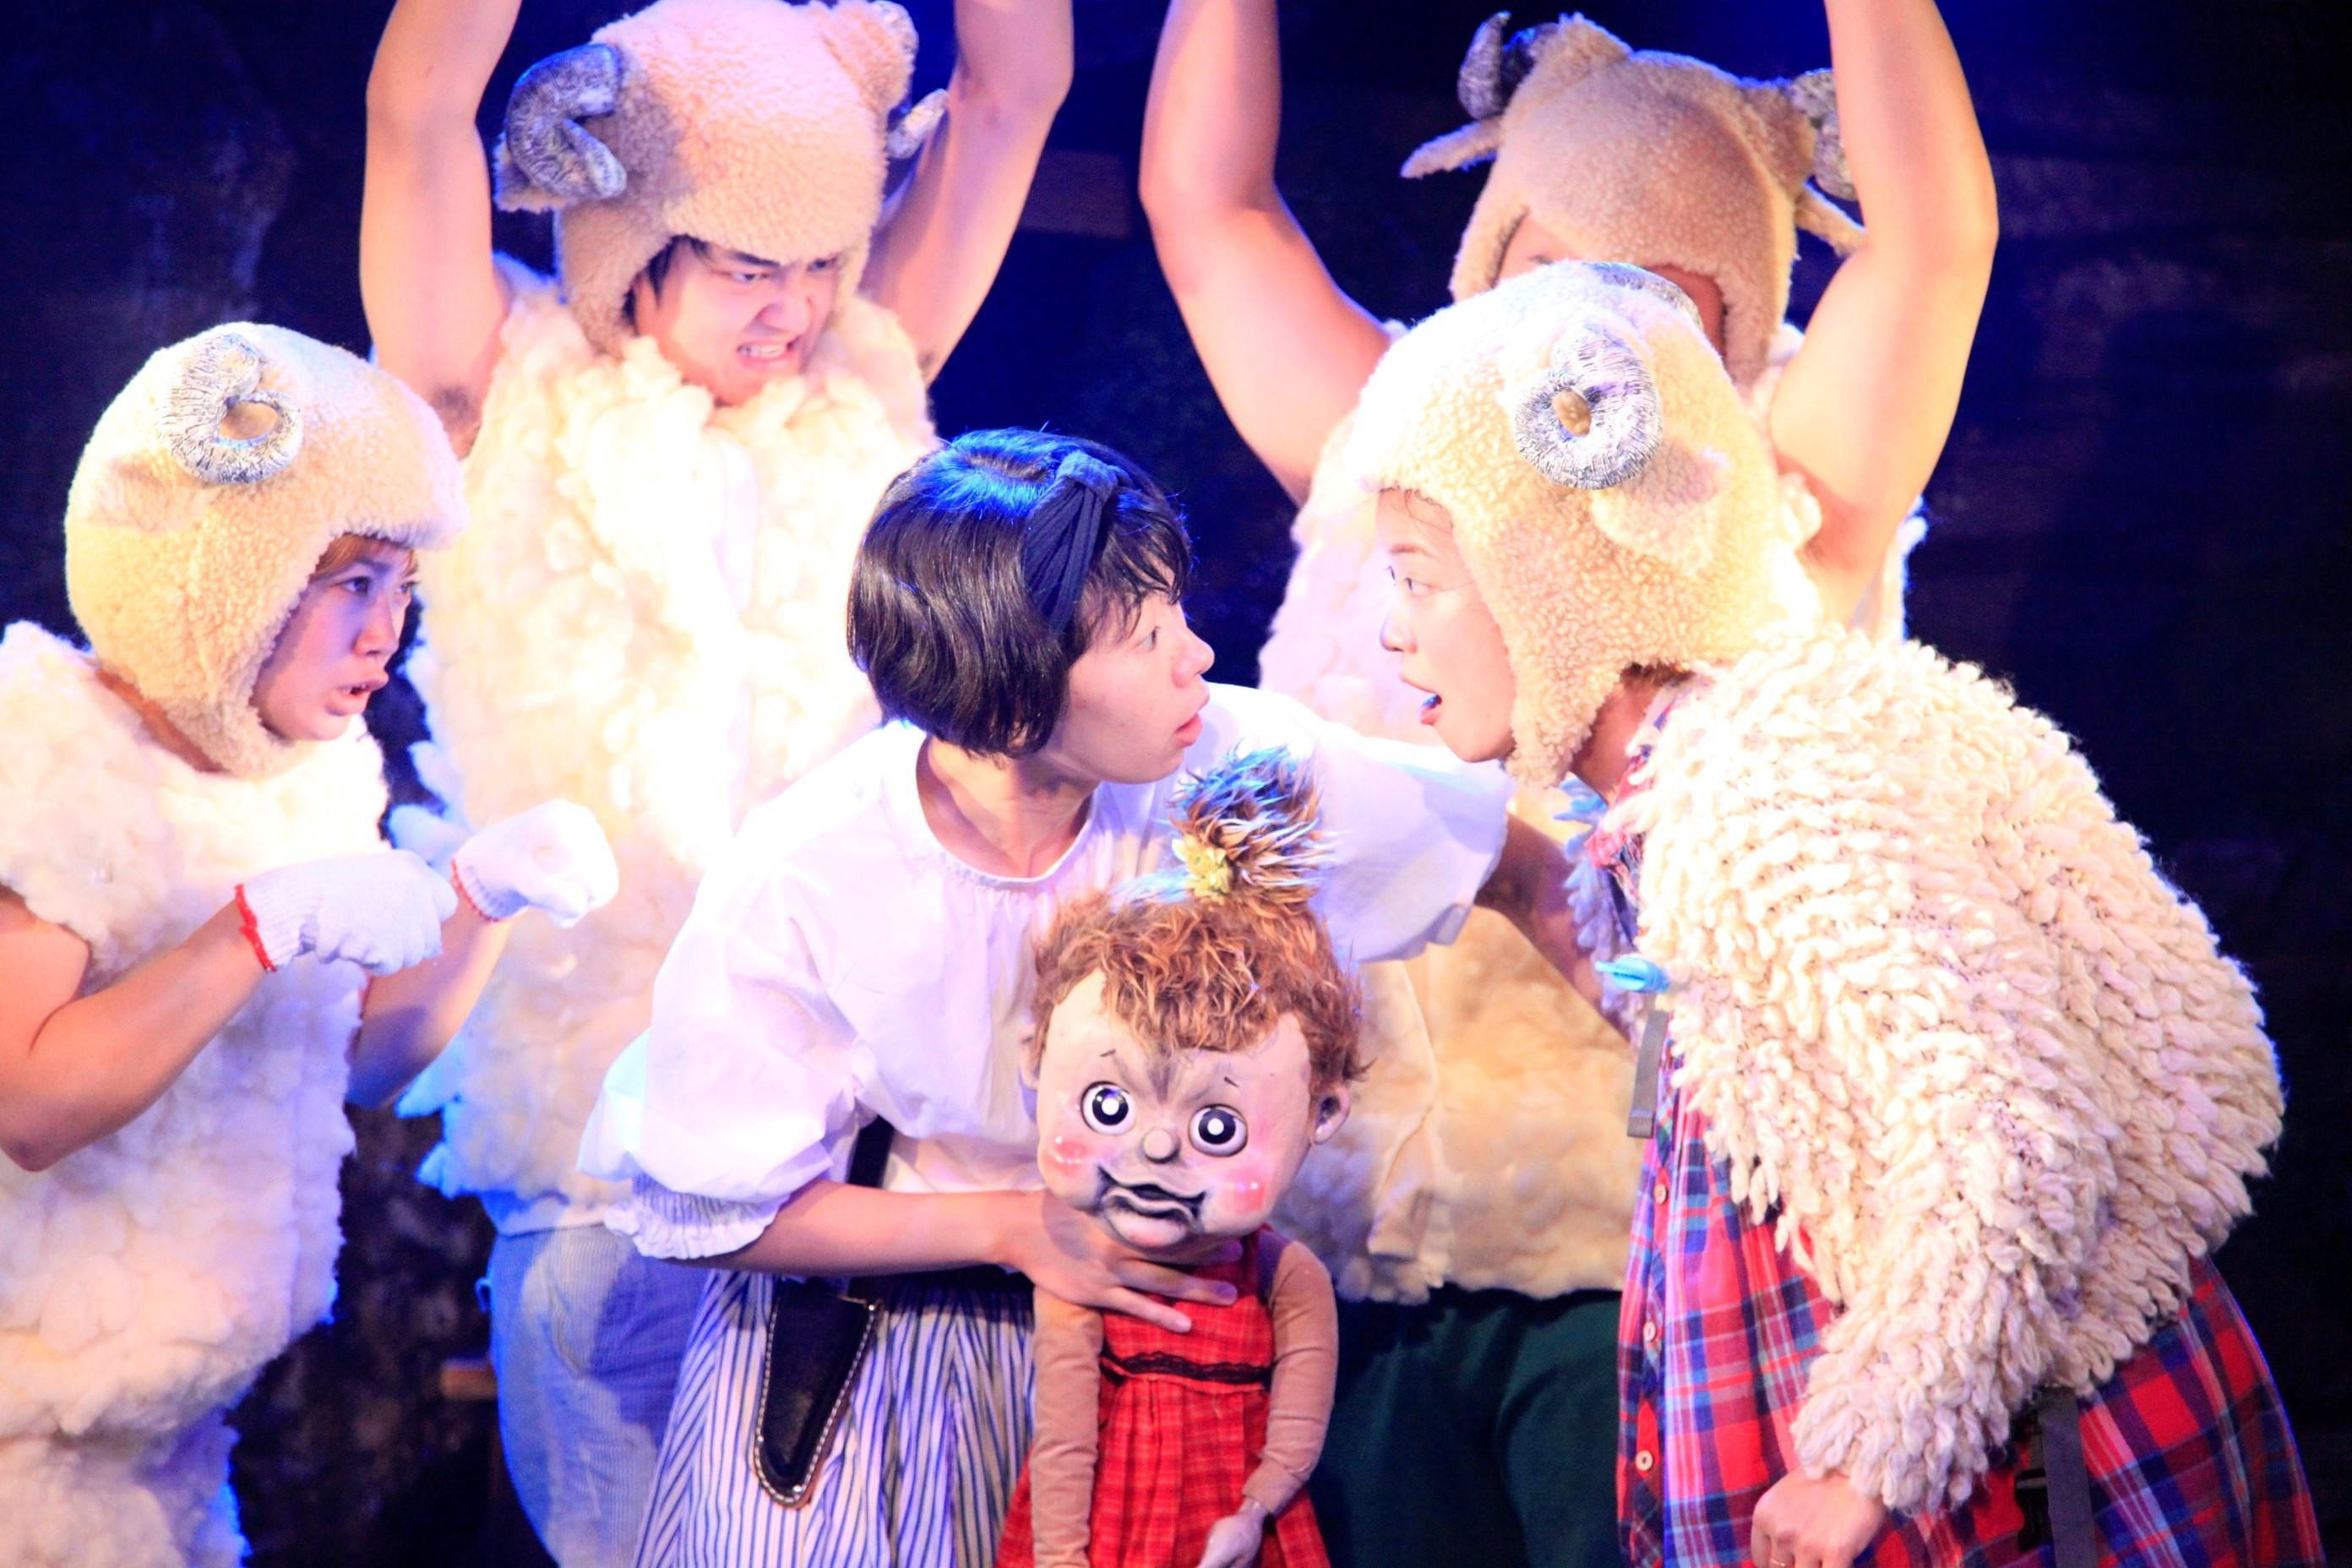 劇団コノエノ!『スタディー・イン・ニュージーランド』 (C)HIROKI NAKASHIMA